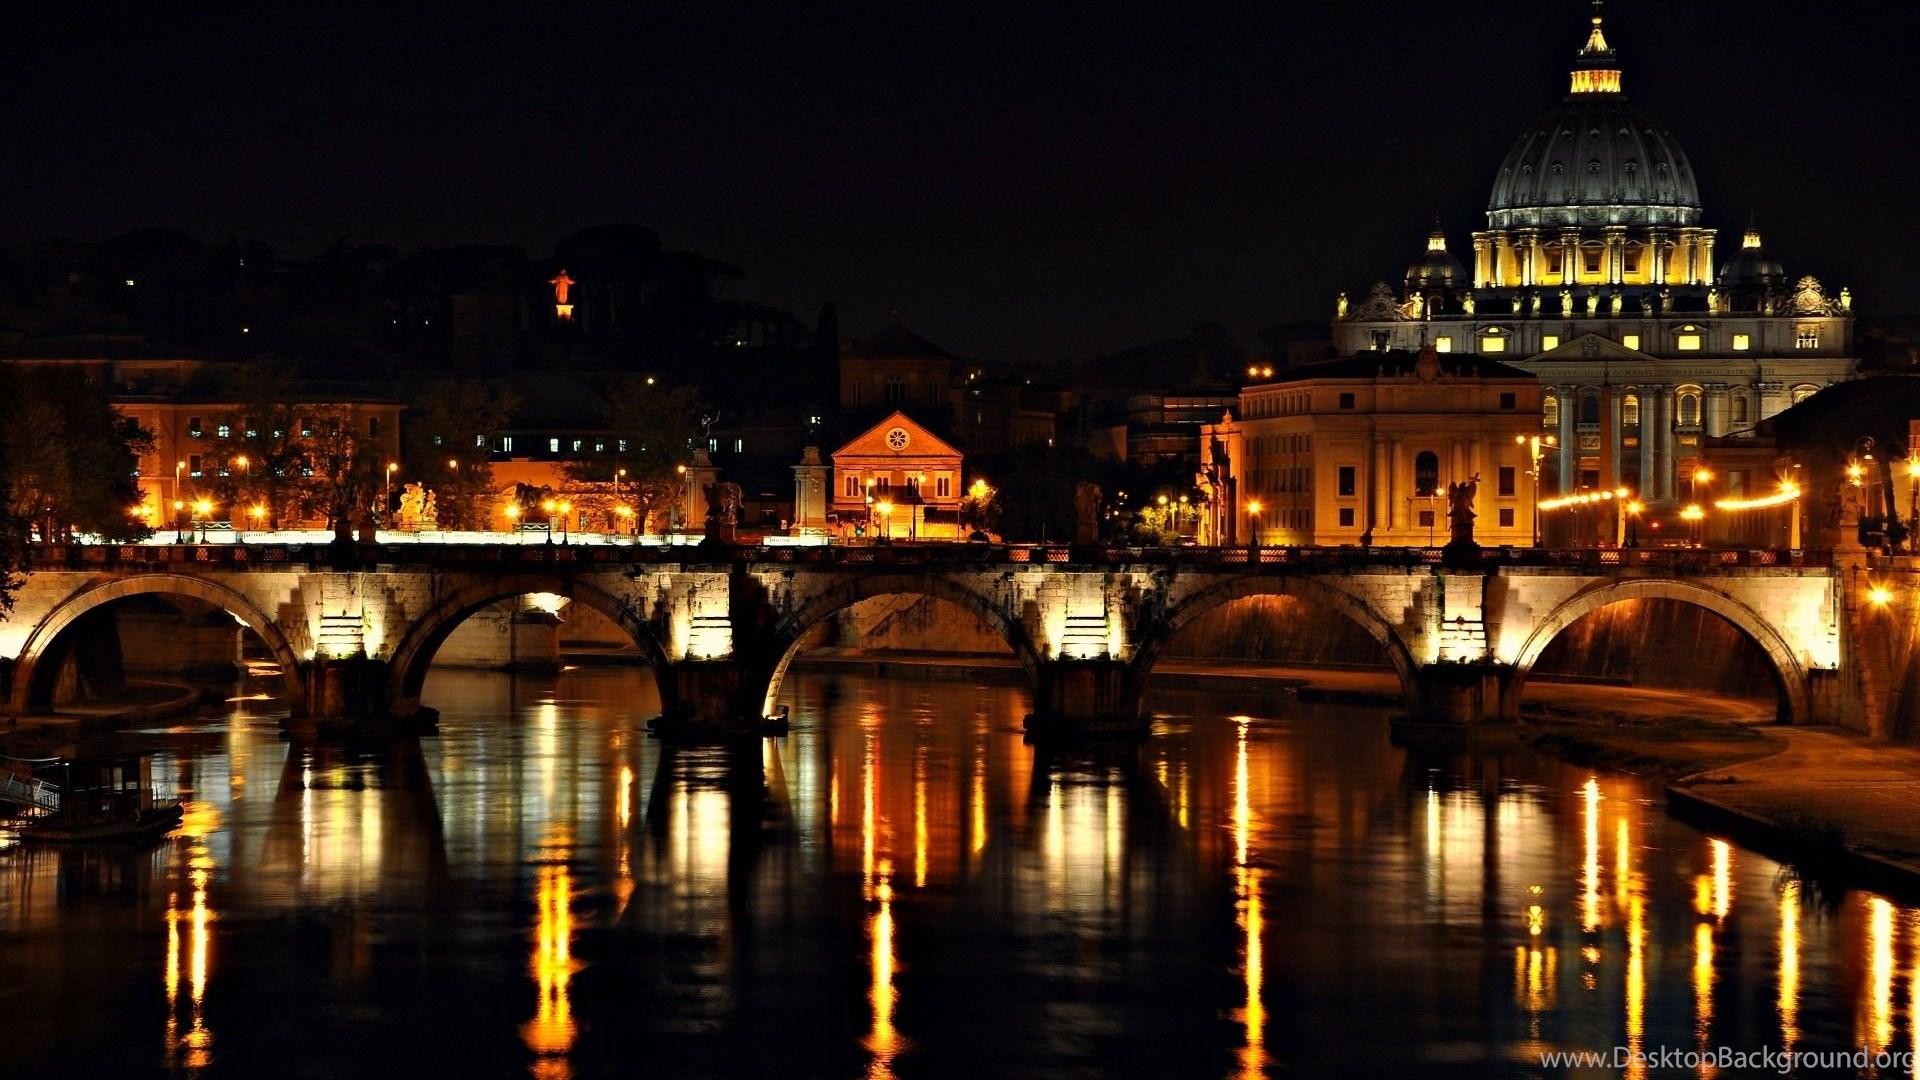 fonds d'écran roma : tous les wallpapers roma desktop background